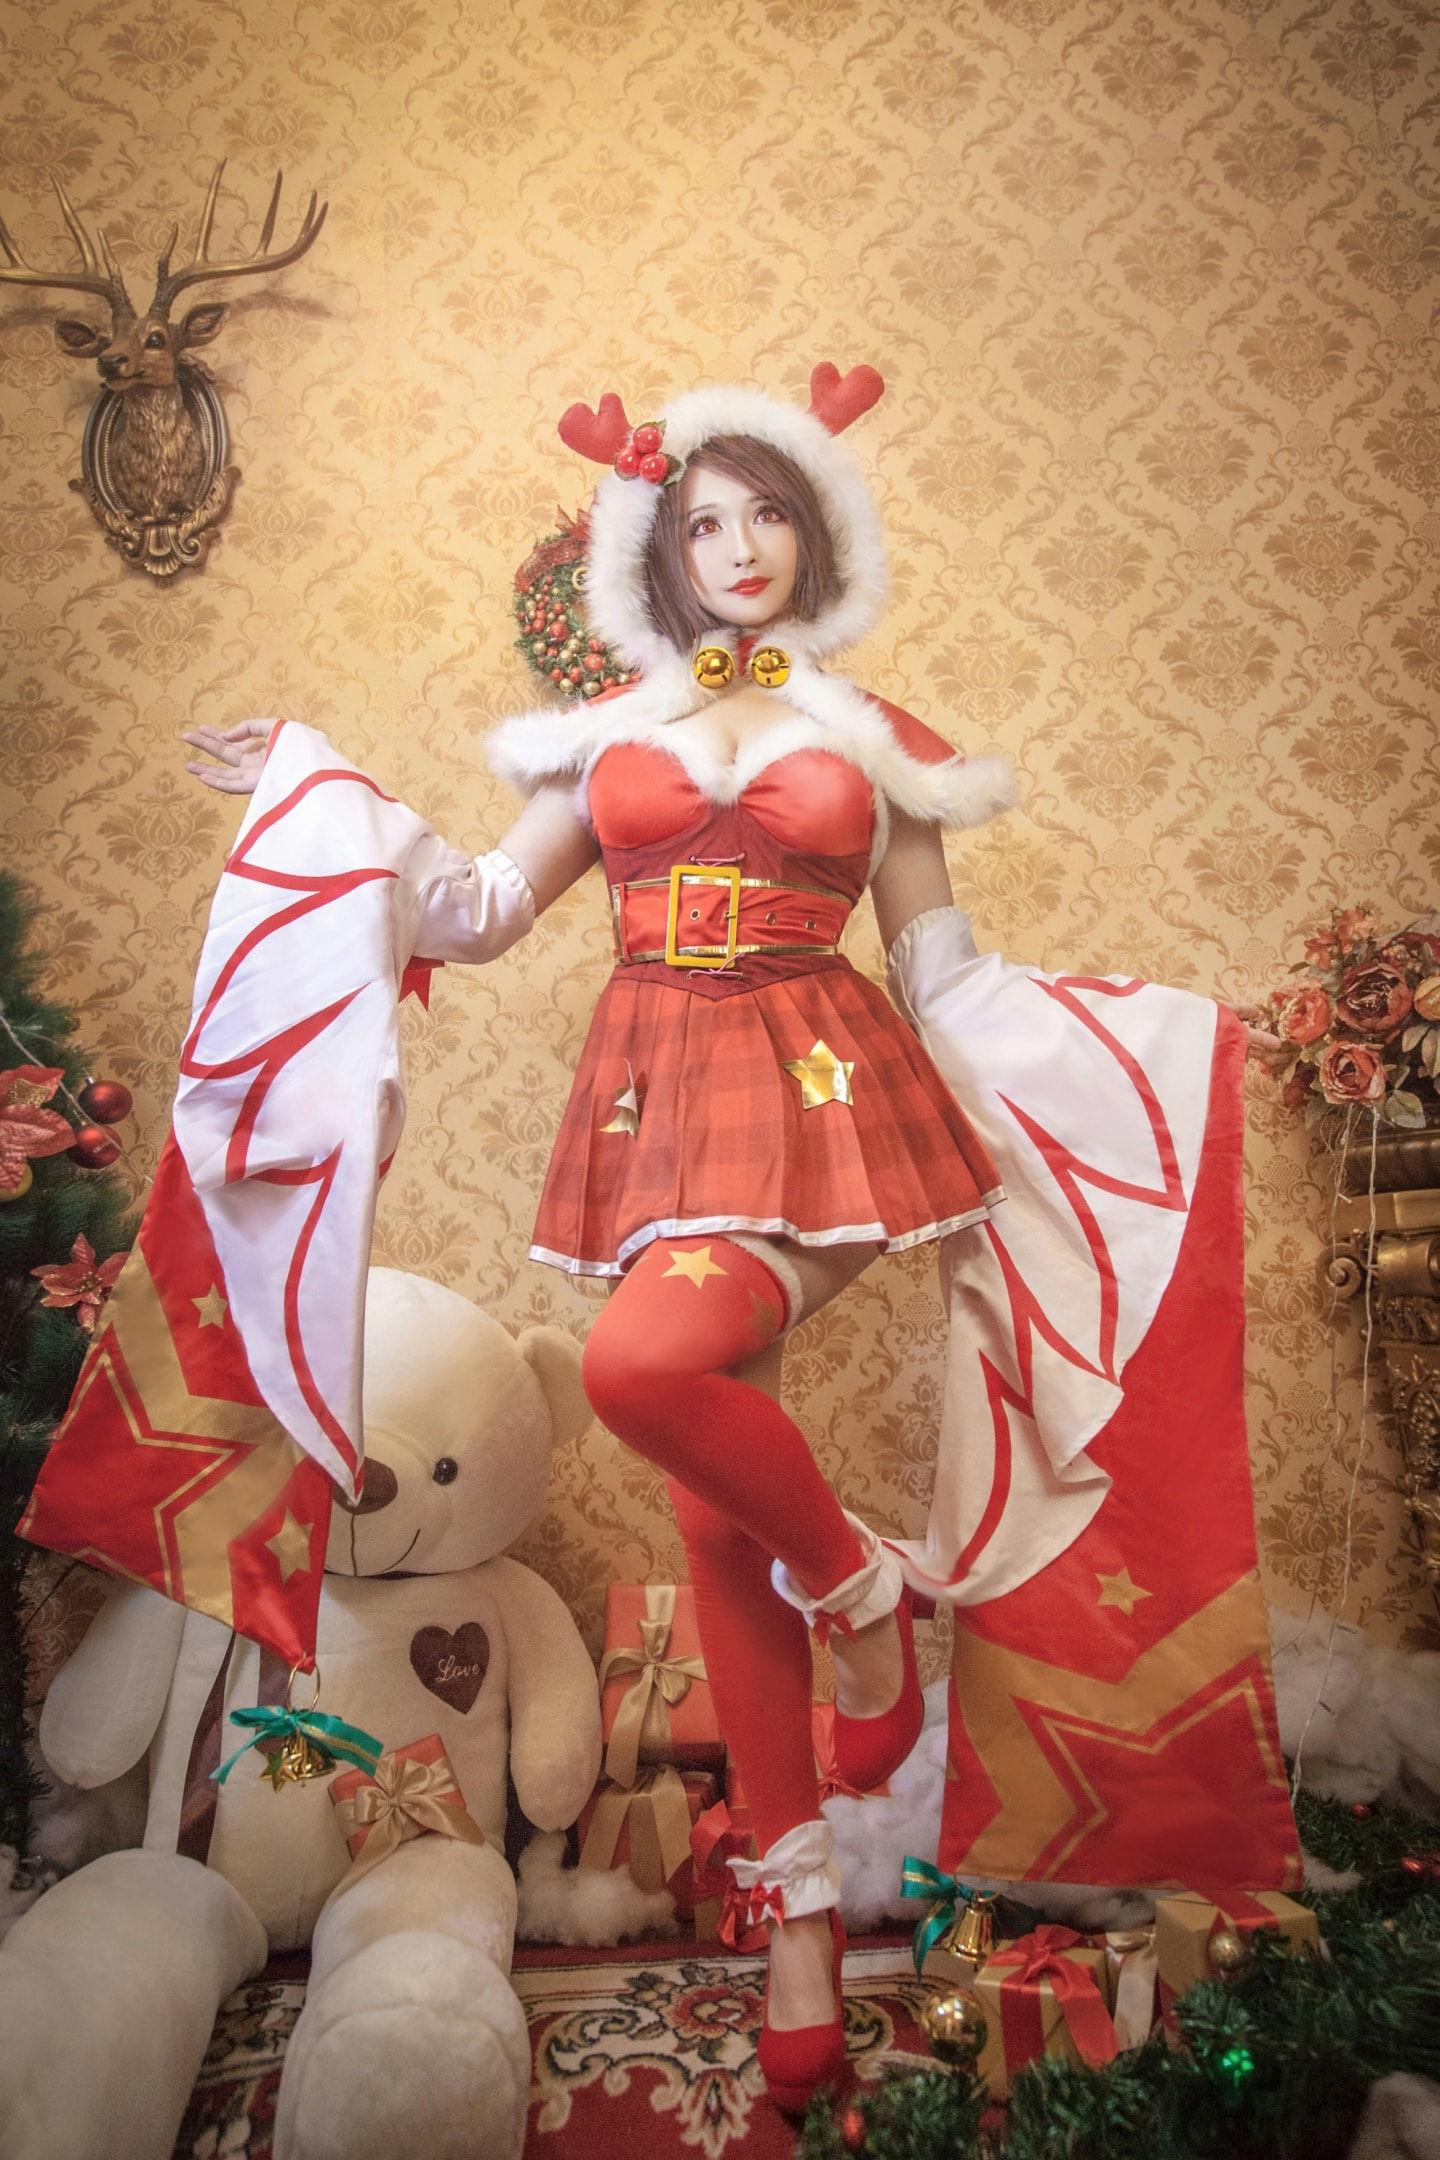 王者荣耀貂蝉圣诞恋歌皮肤cosplay